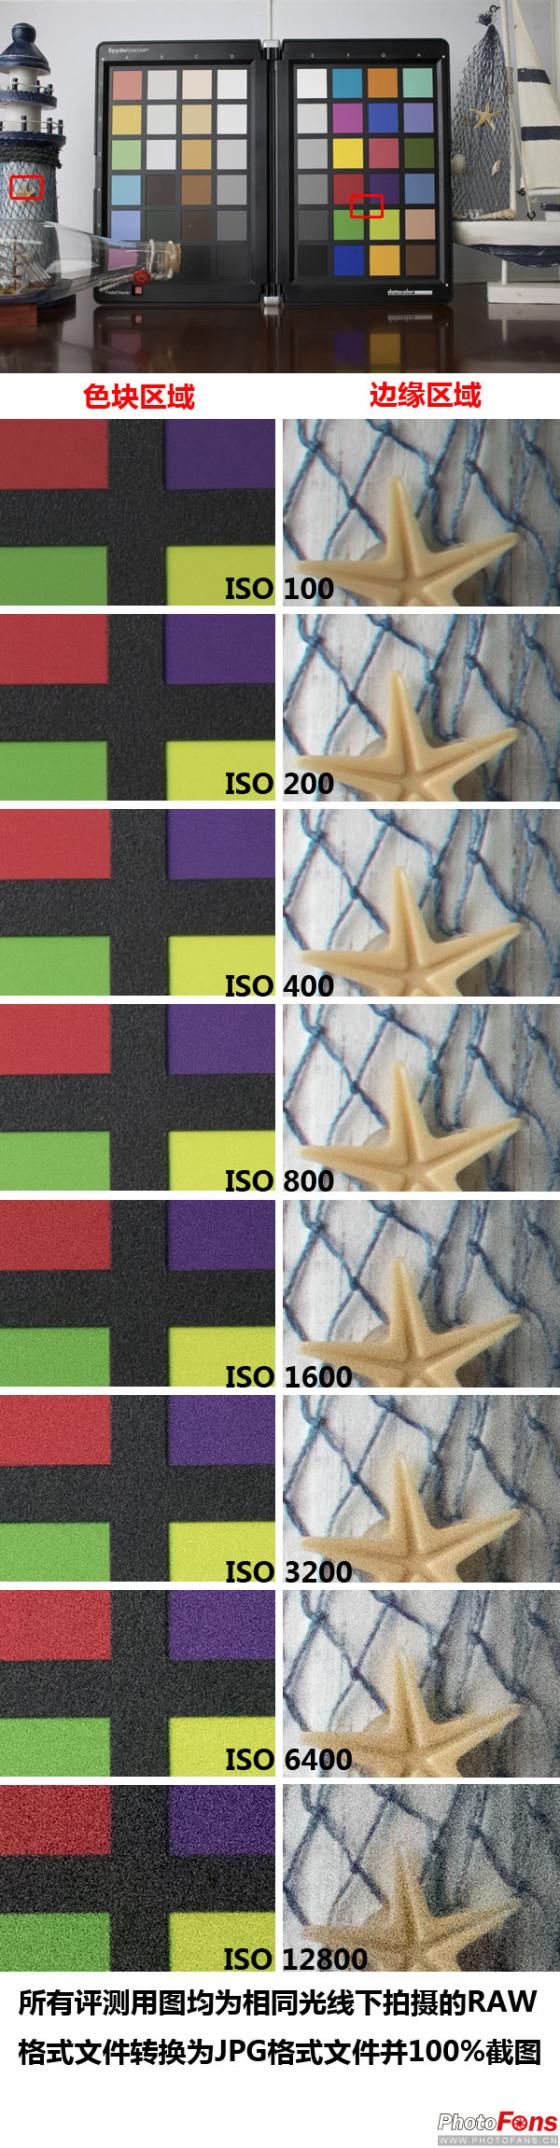 新手入门必备佳能EOS750D套机客观评测(4)